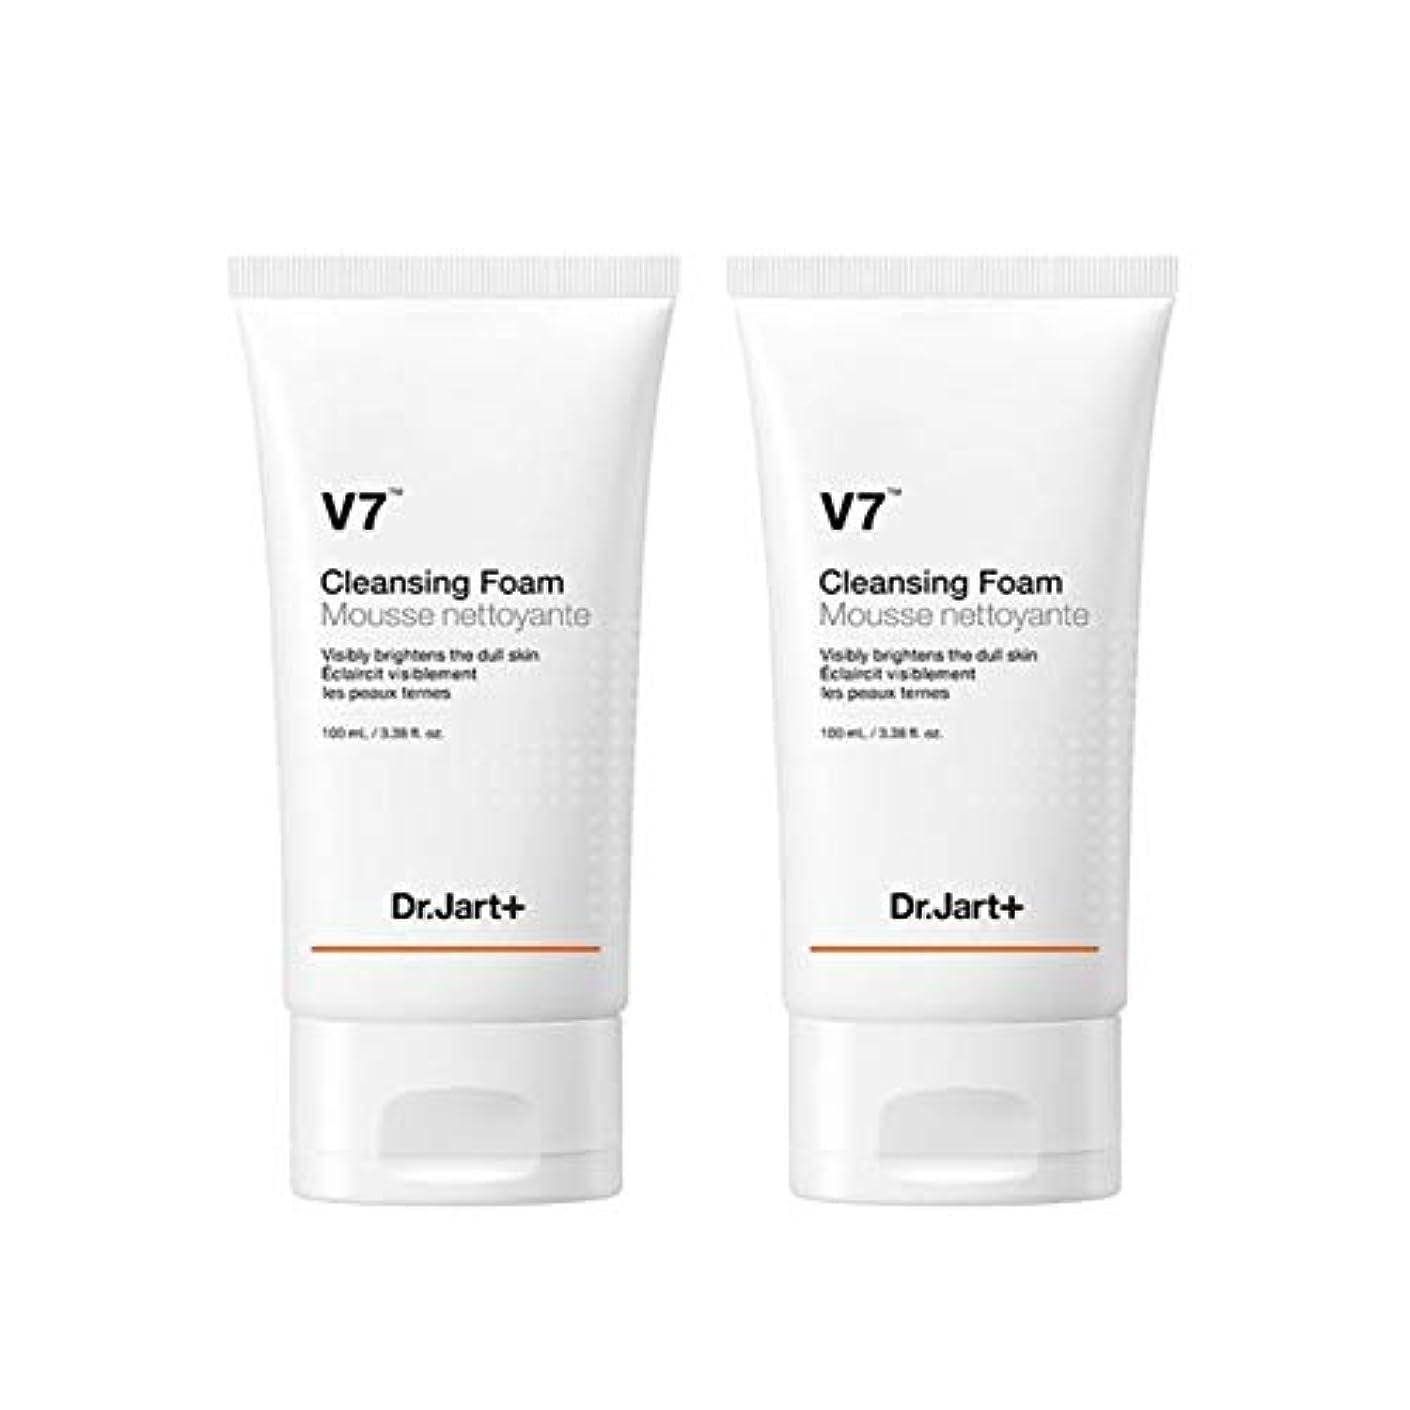 ラオス人鏡憲法ドクタージャルトゥV7クレンジングフォーム100mlx2本セット韓国コスメ、Dr.Jart V7 Cleansing Foam 100ml x 2ea Set Korean Cosmetics [並行輸入品]